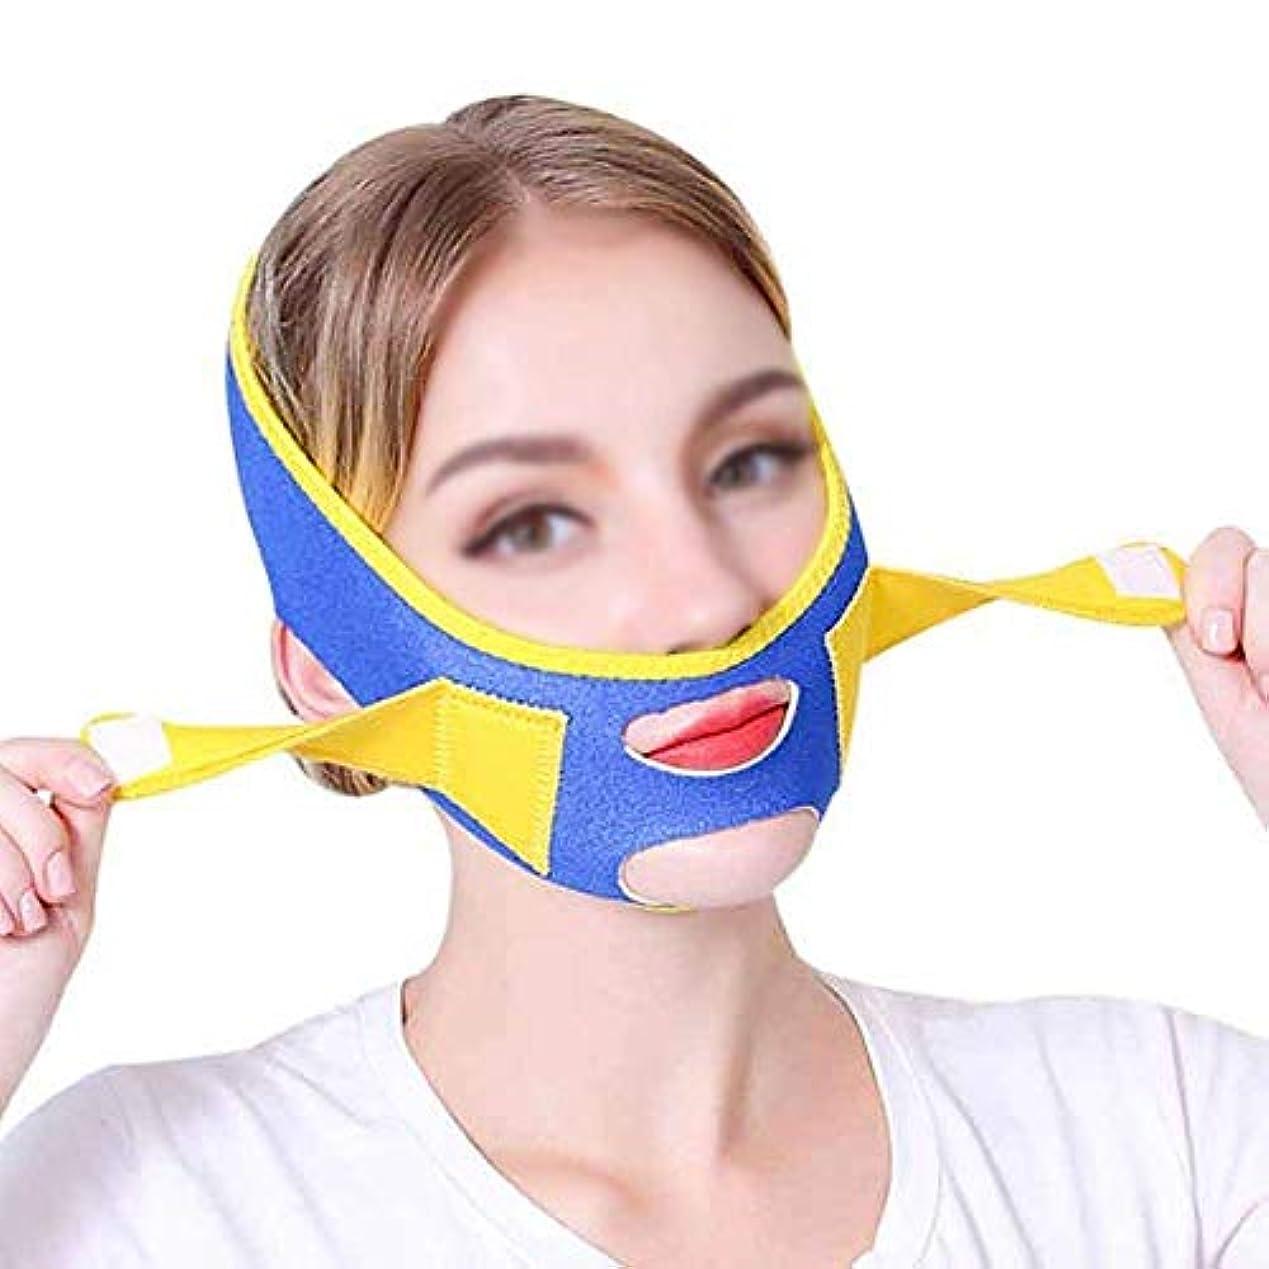 モルヒネカートそしてフェイスリフトマスク、あごひも回復包帯薄いフェイスマスクVフェイスステッカーフェイスリフトステッカー韓国本物のリフティング引き締め引き締め成形薄いダブルチンフェイスリフト睡眠包帯アーティファクト